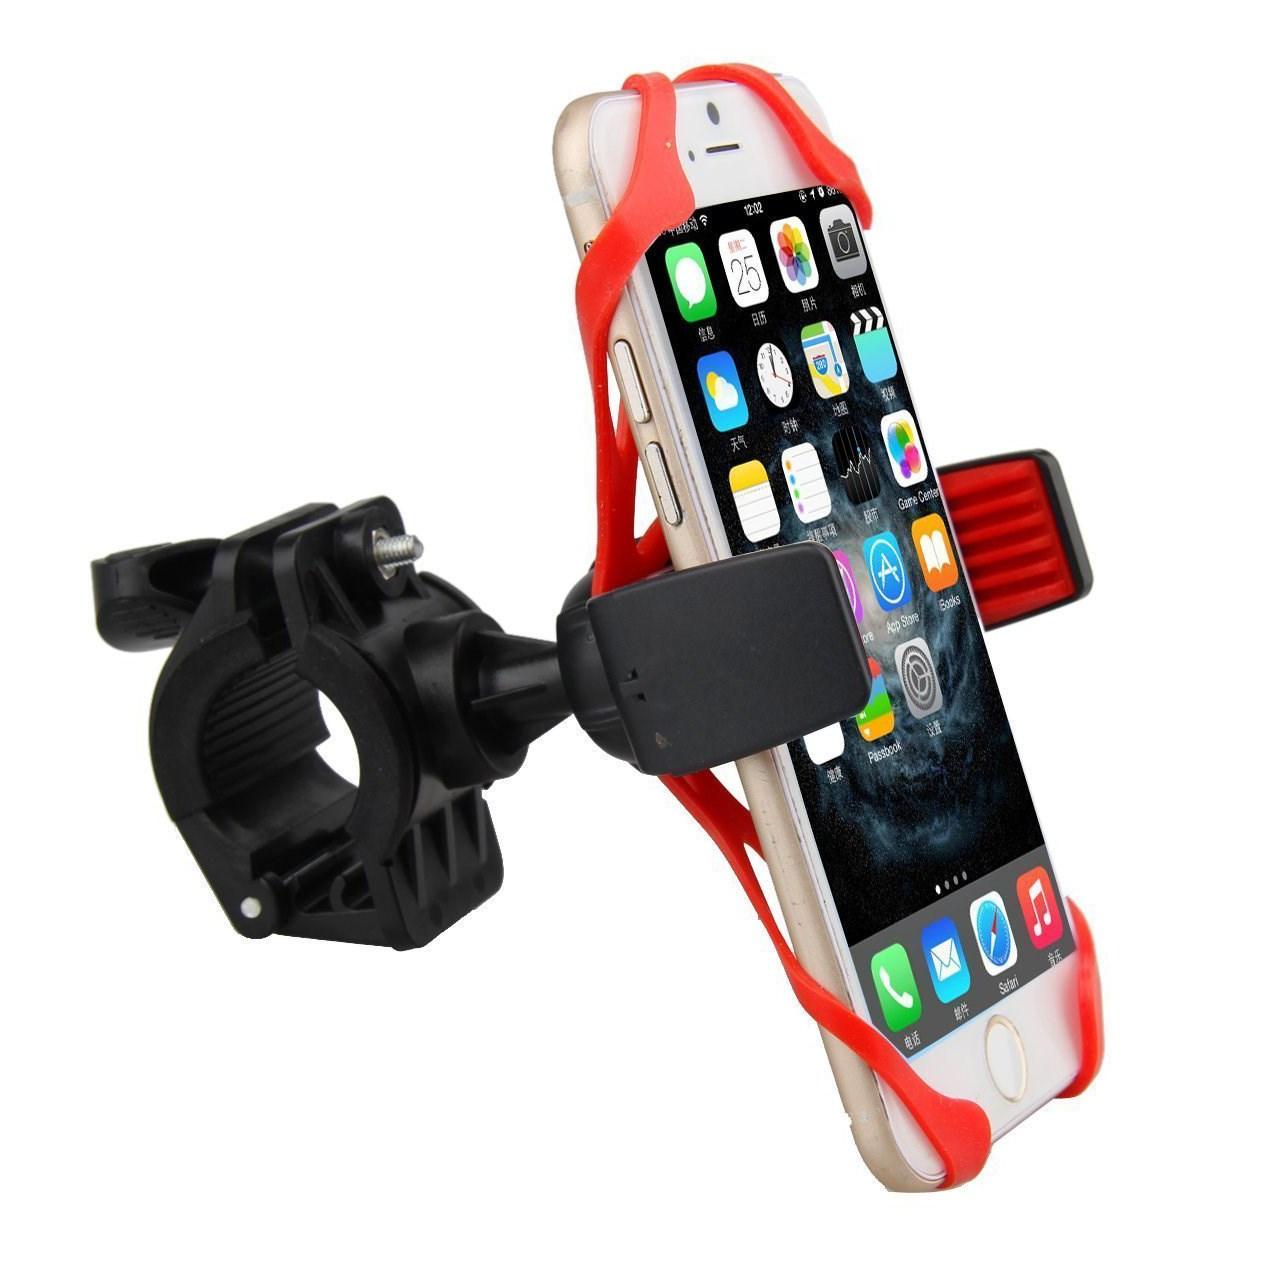 پایه نگهدارنده موبایل مدل Bicycle Phone Holder              ( قیمت و خرید)